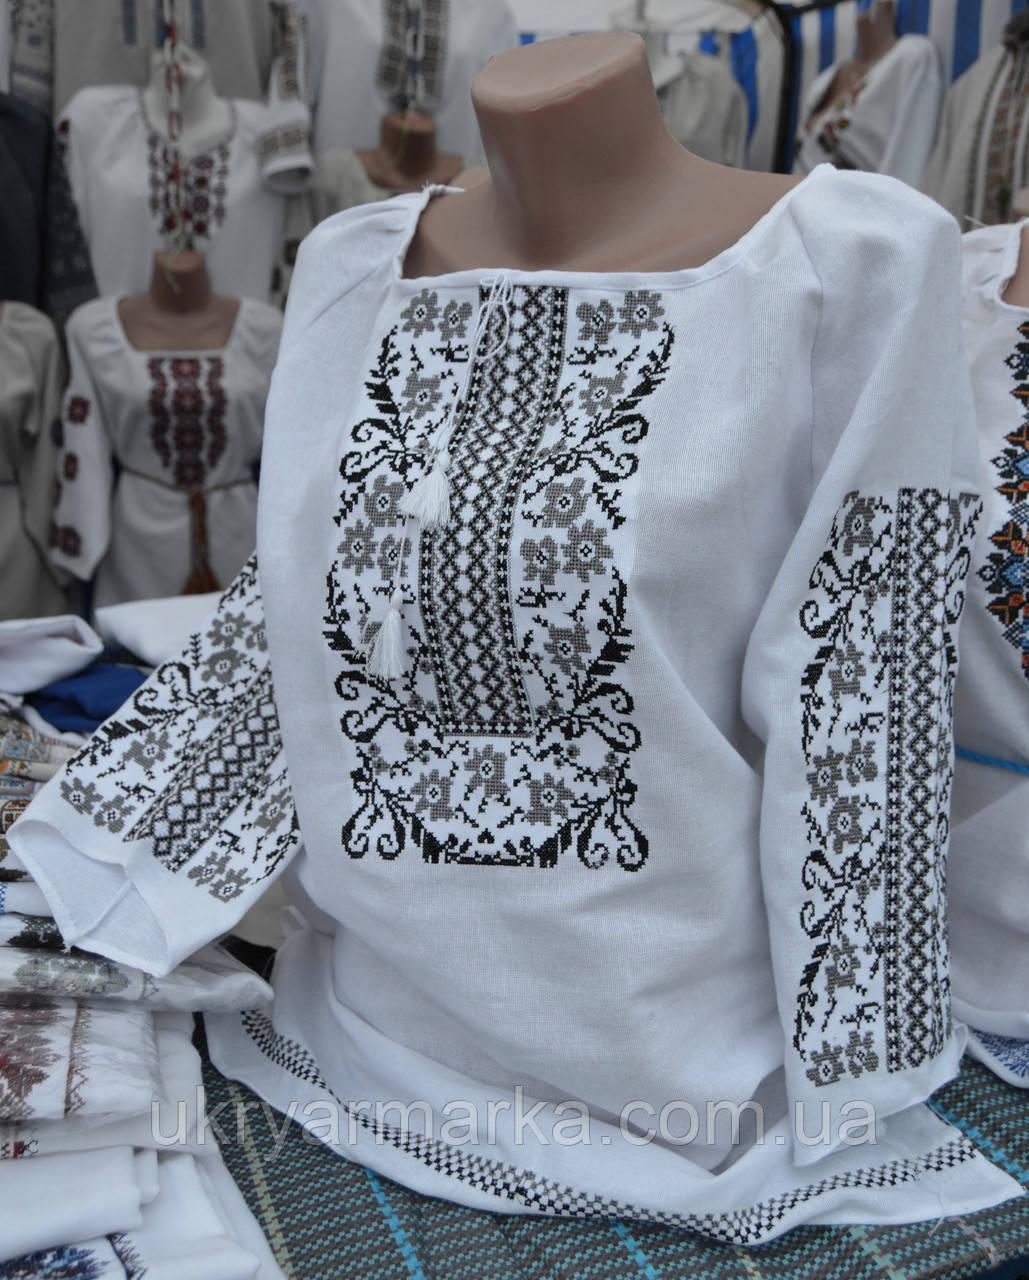 """Жіноча вишиванка """"Небокрай"""" сіра"""